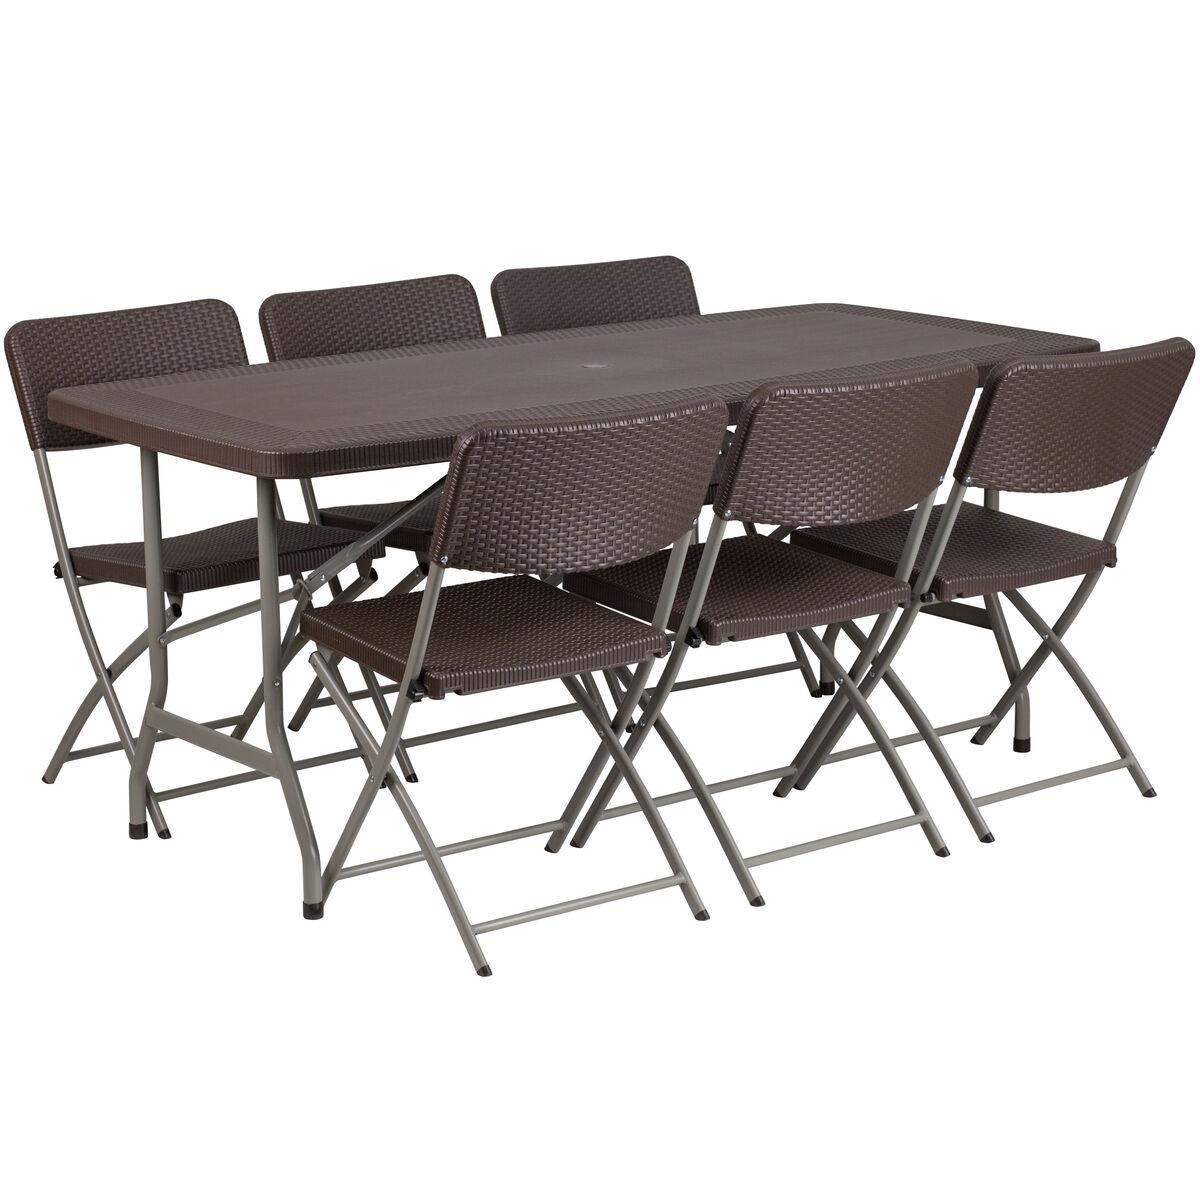 Brown rattan table set dad ycz gg